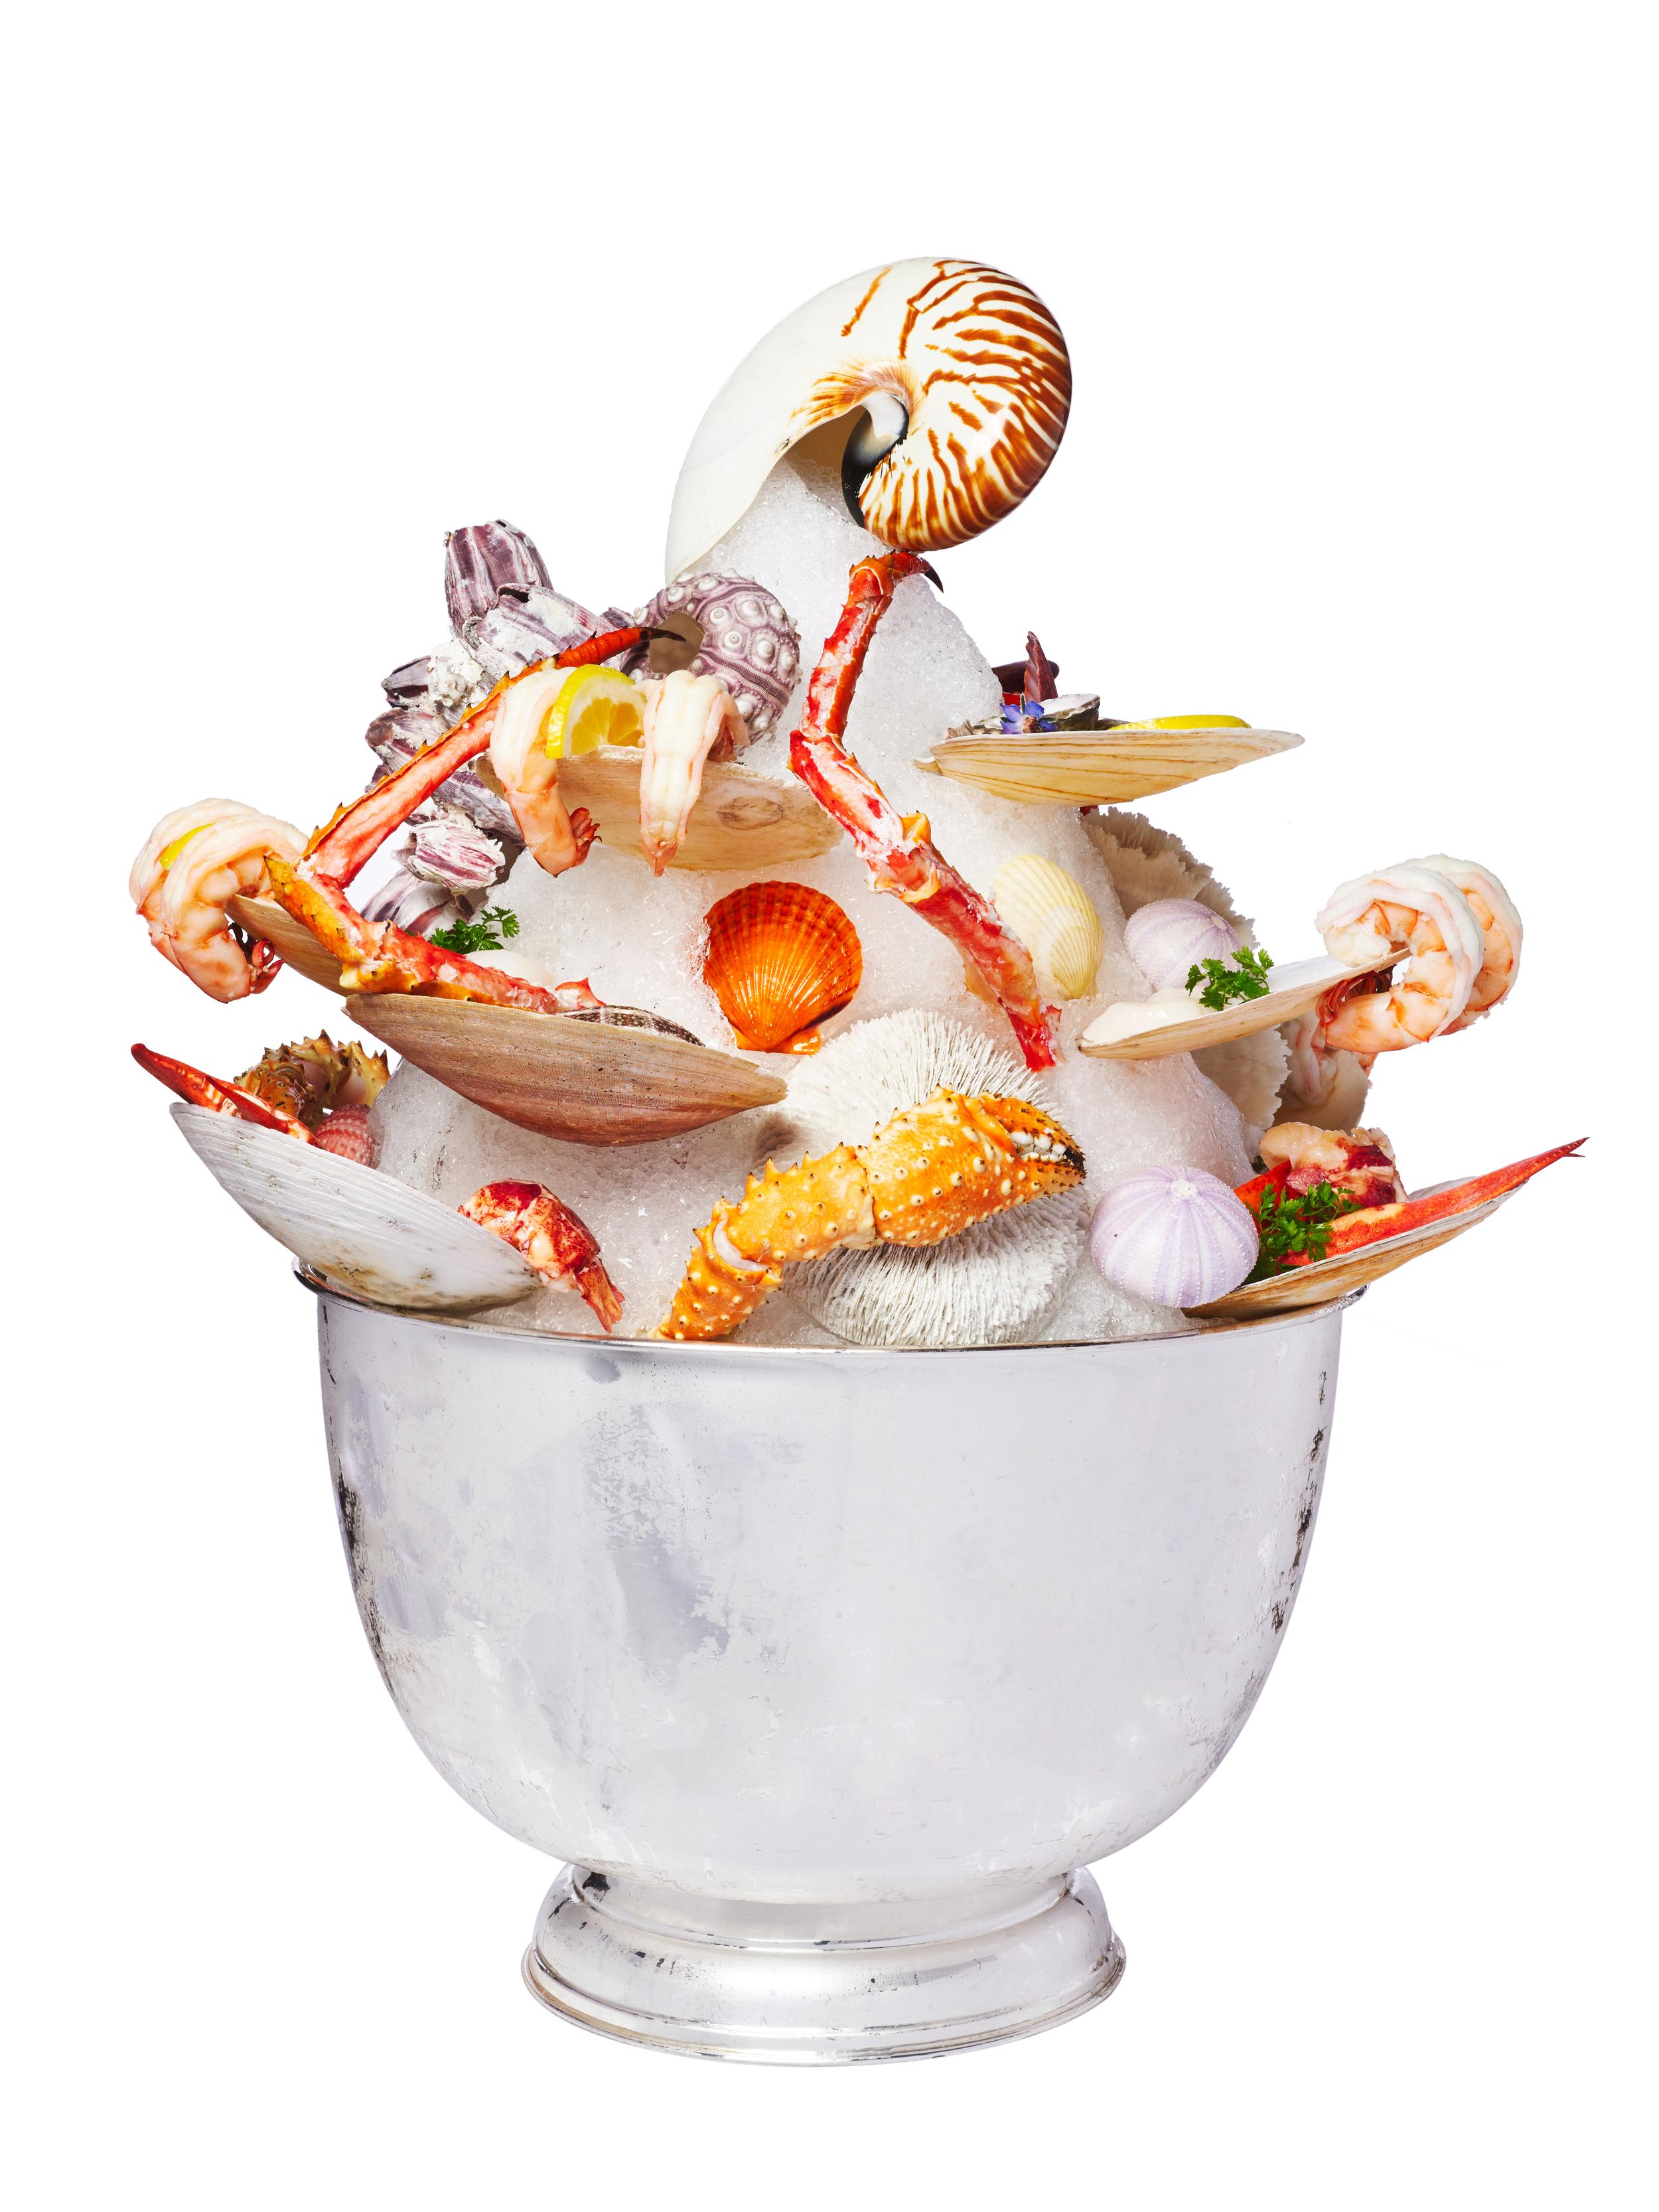 grand shellfish